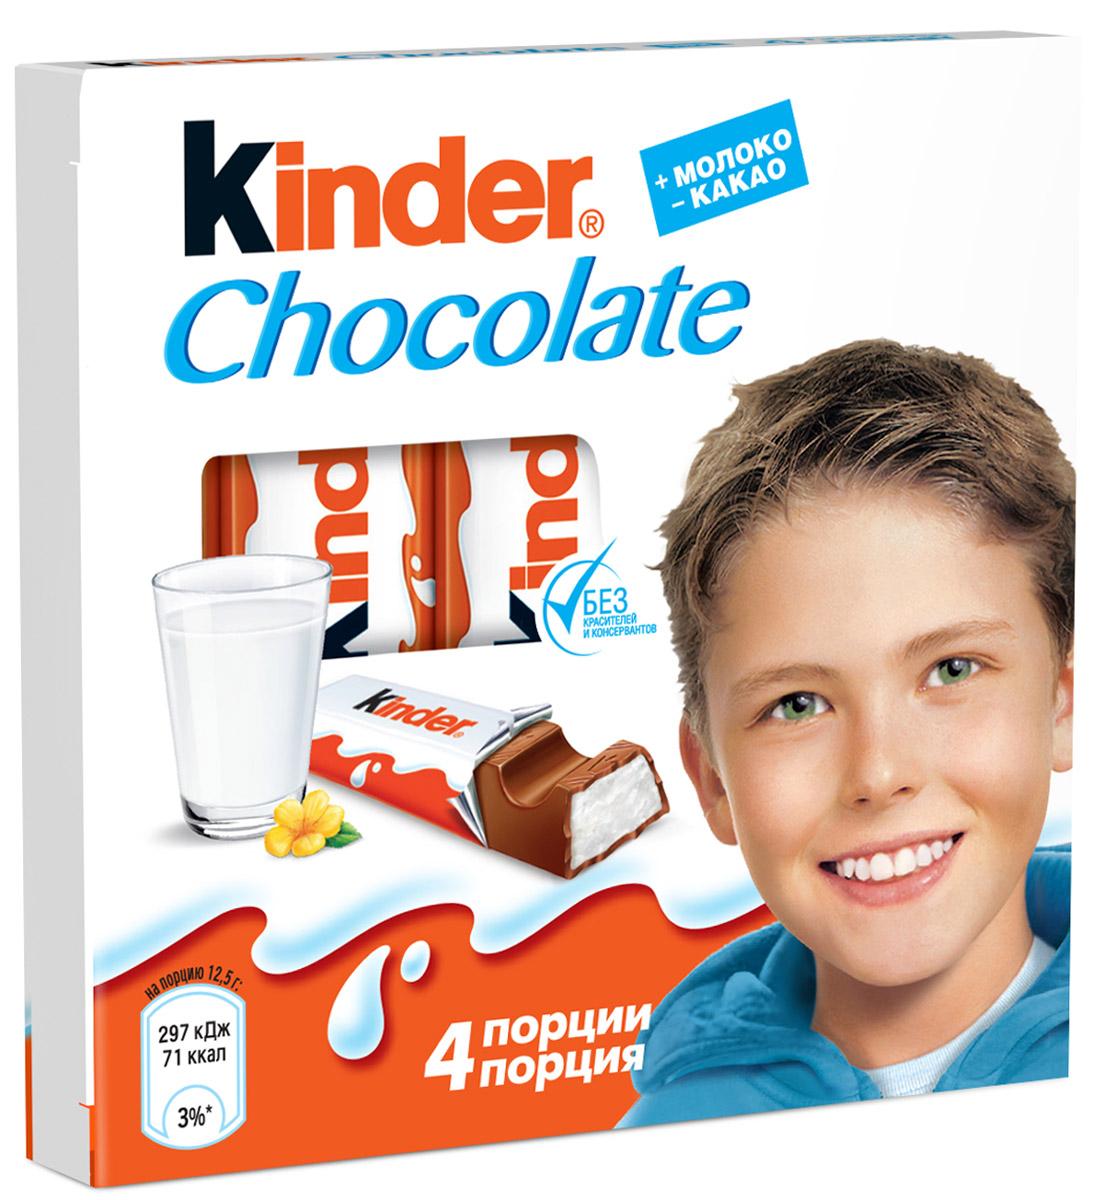 Kinder Chocolate с молочной начинкой, 50 г kinder mix носорог подарочный набор с игрушкой 137 5 г